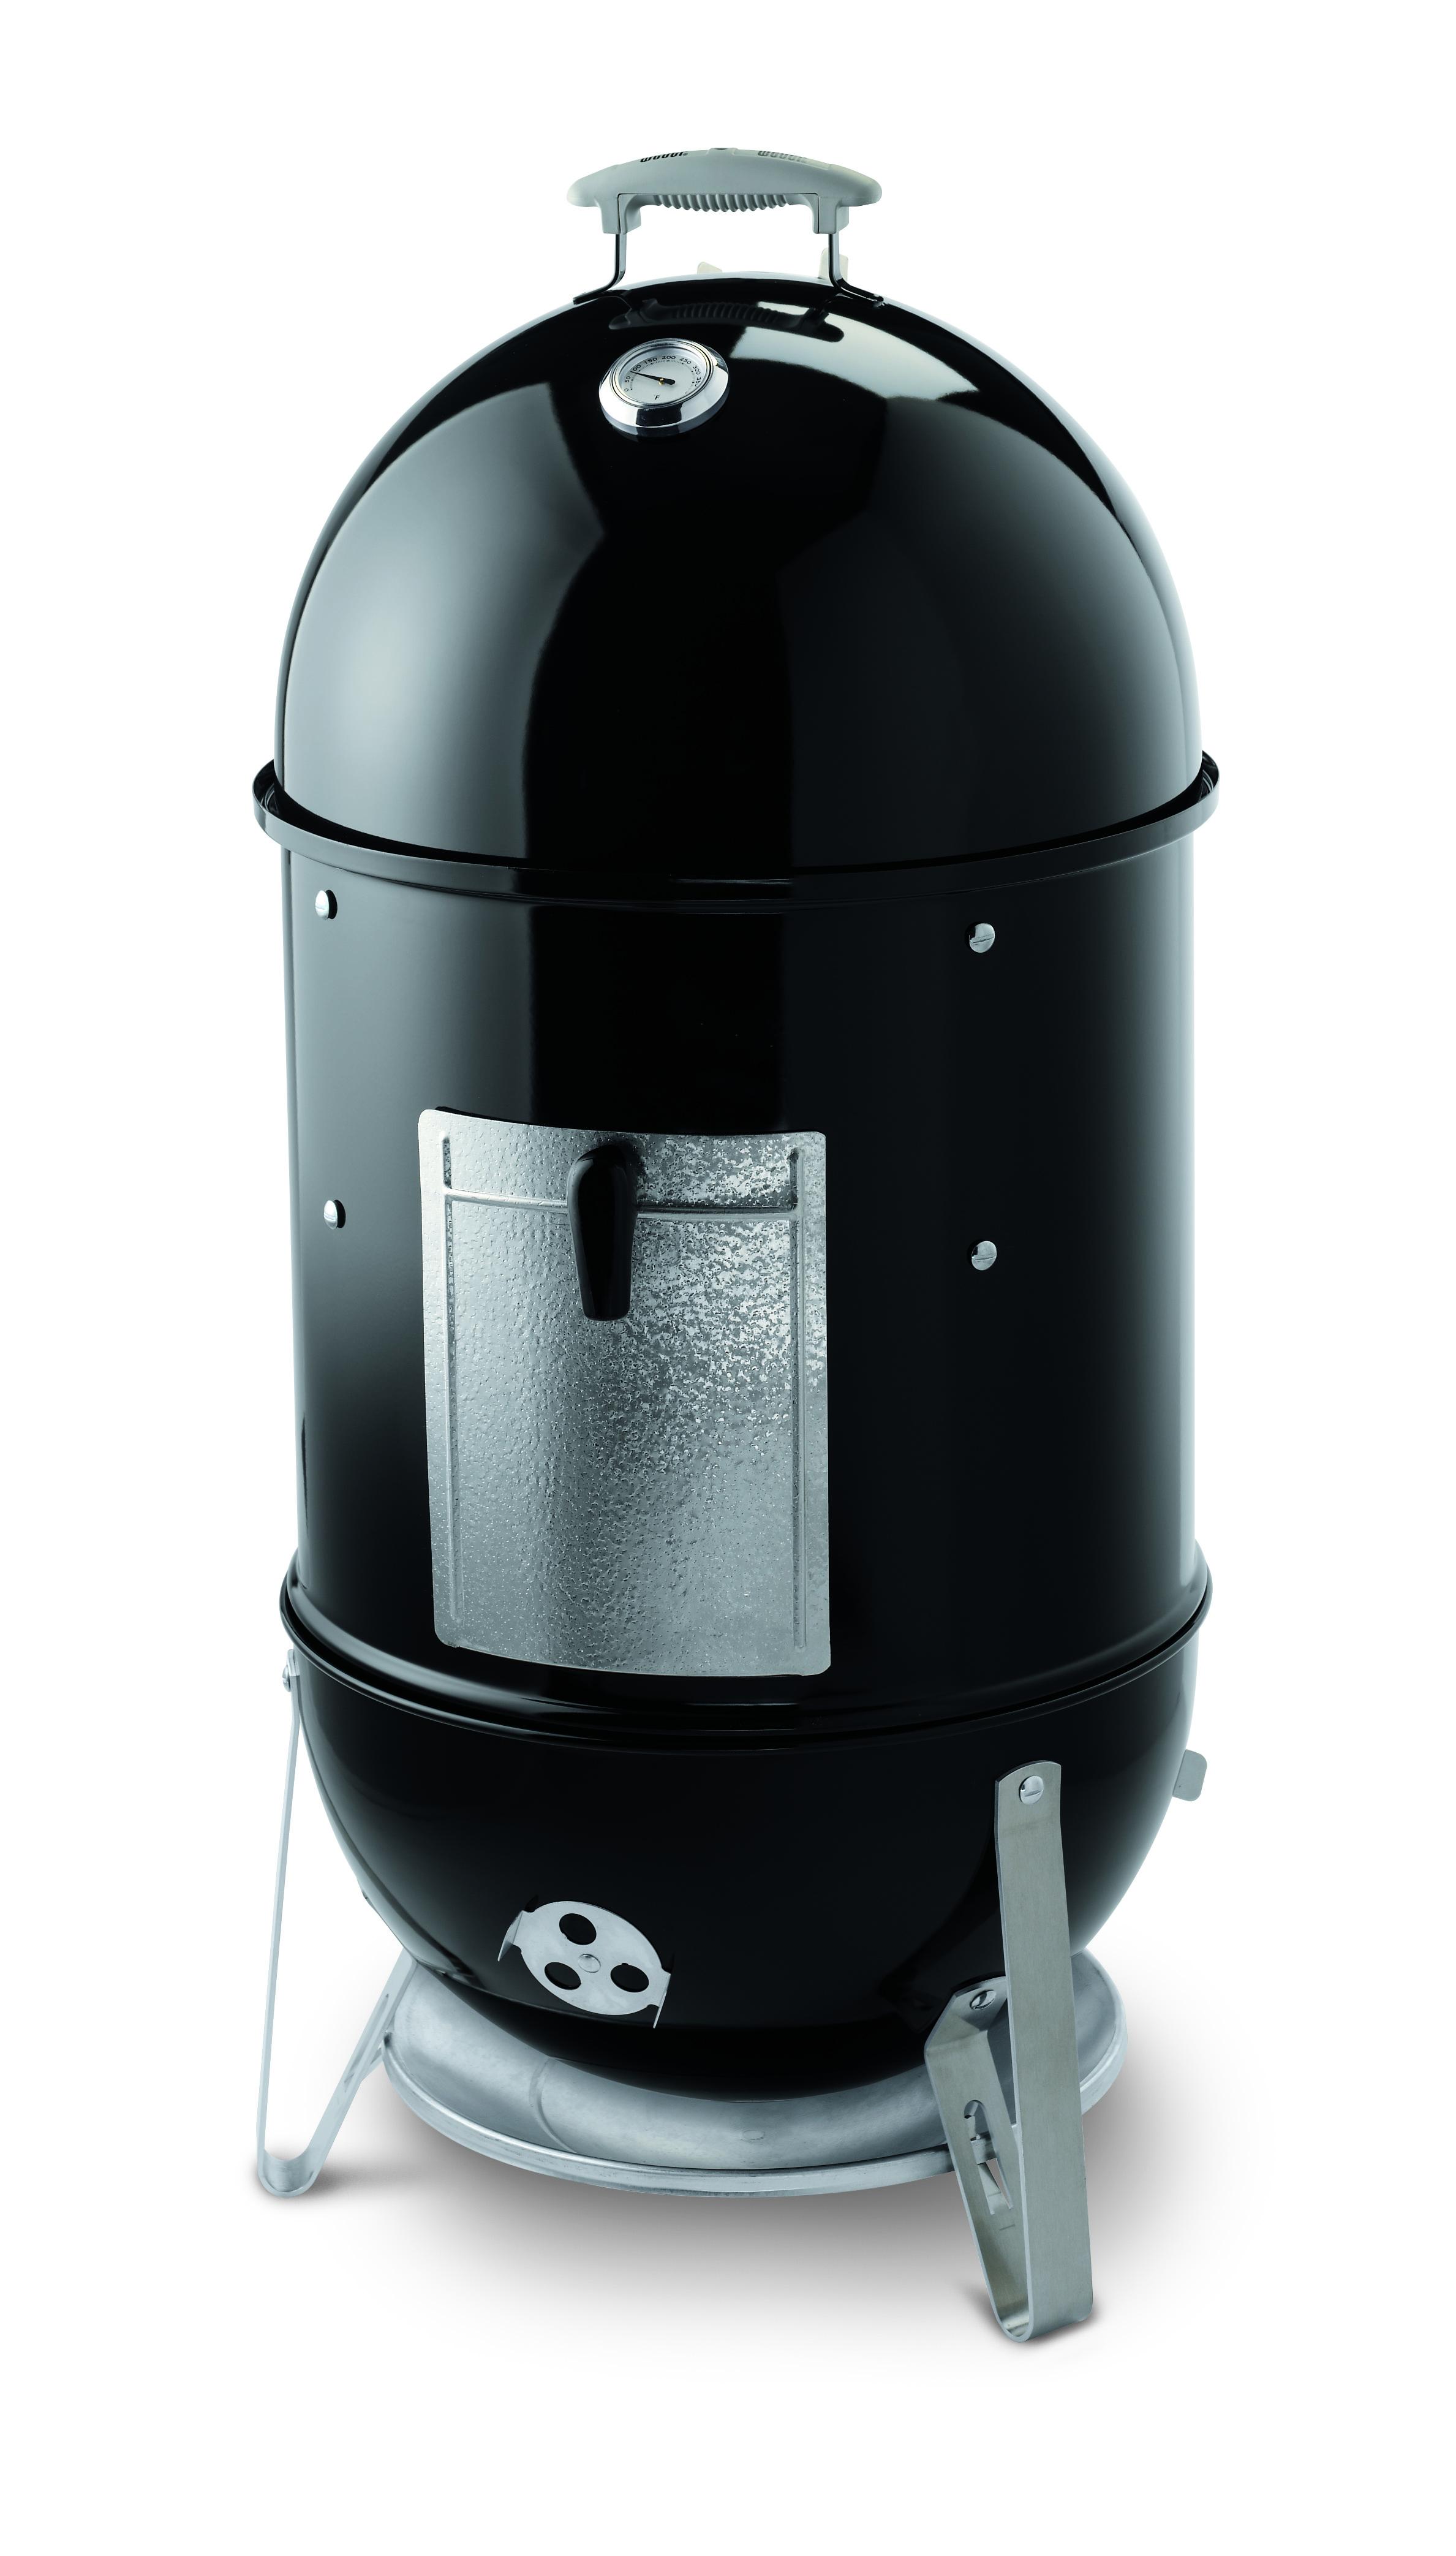 Weber Smokey Mountain Cooker black, 47 cm